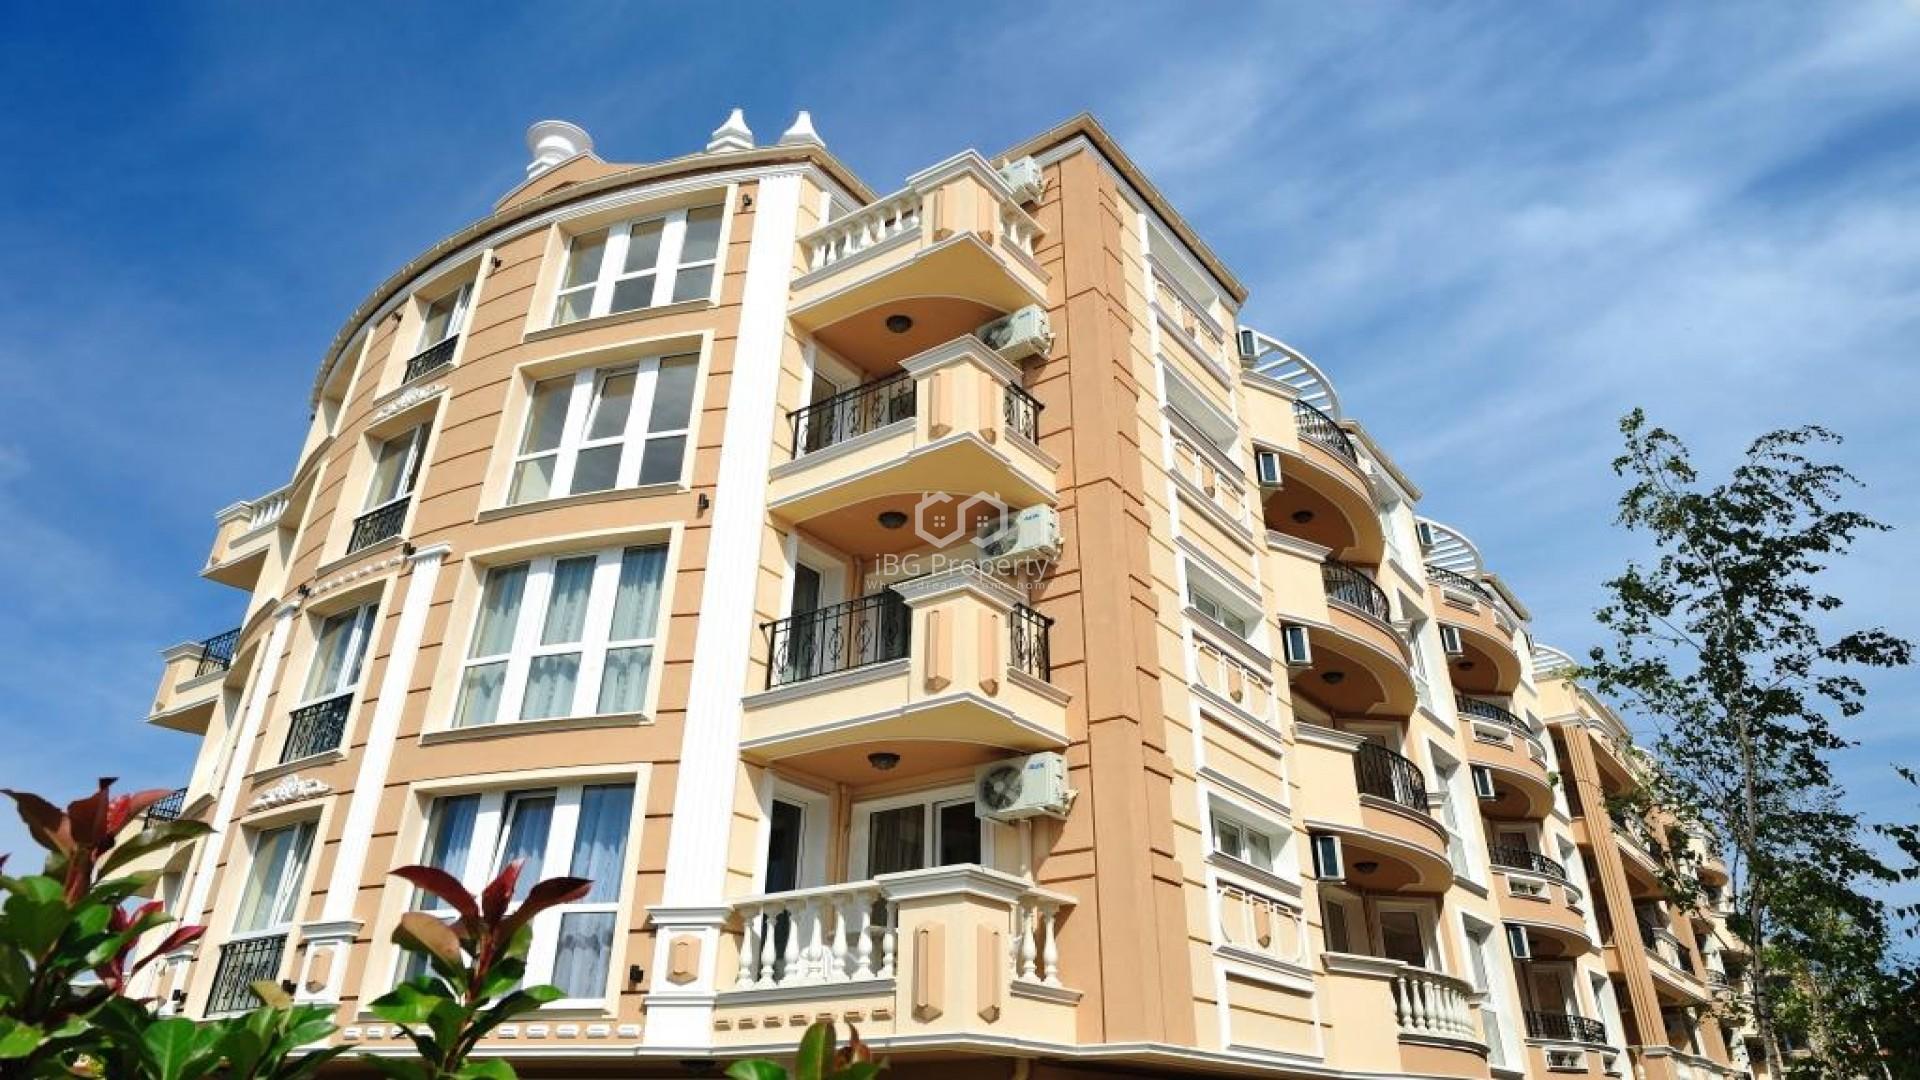 Eдностаен апартамент Равда 37 m2